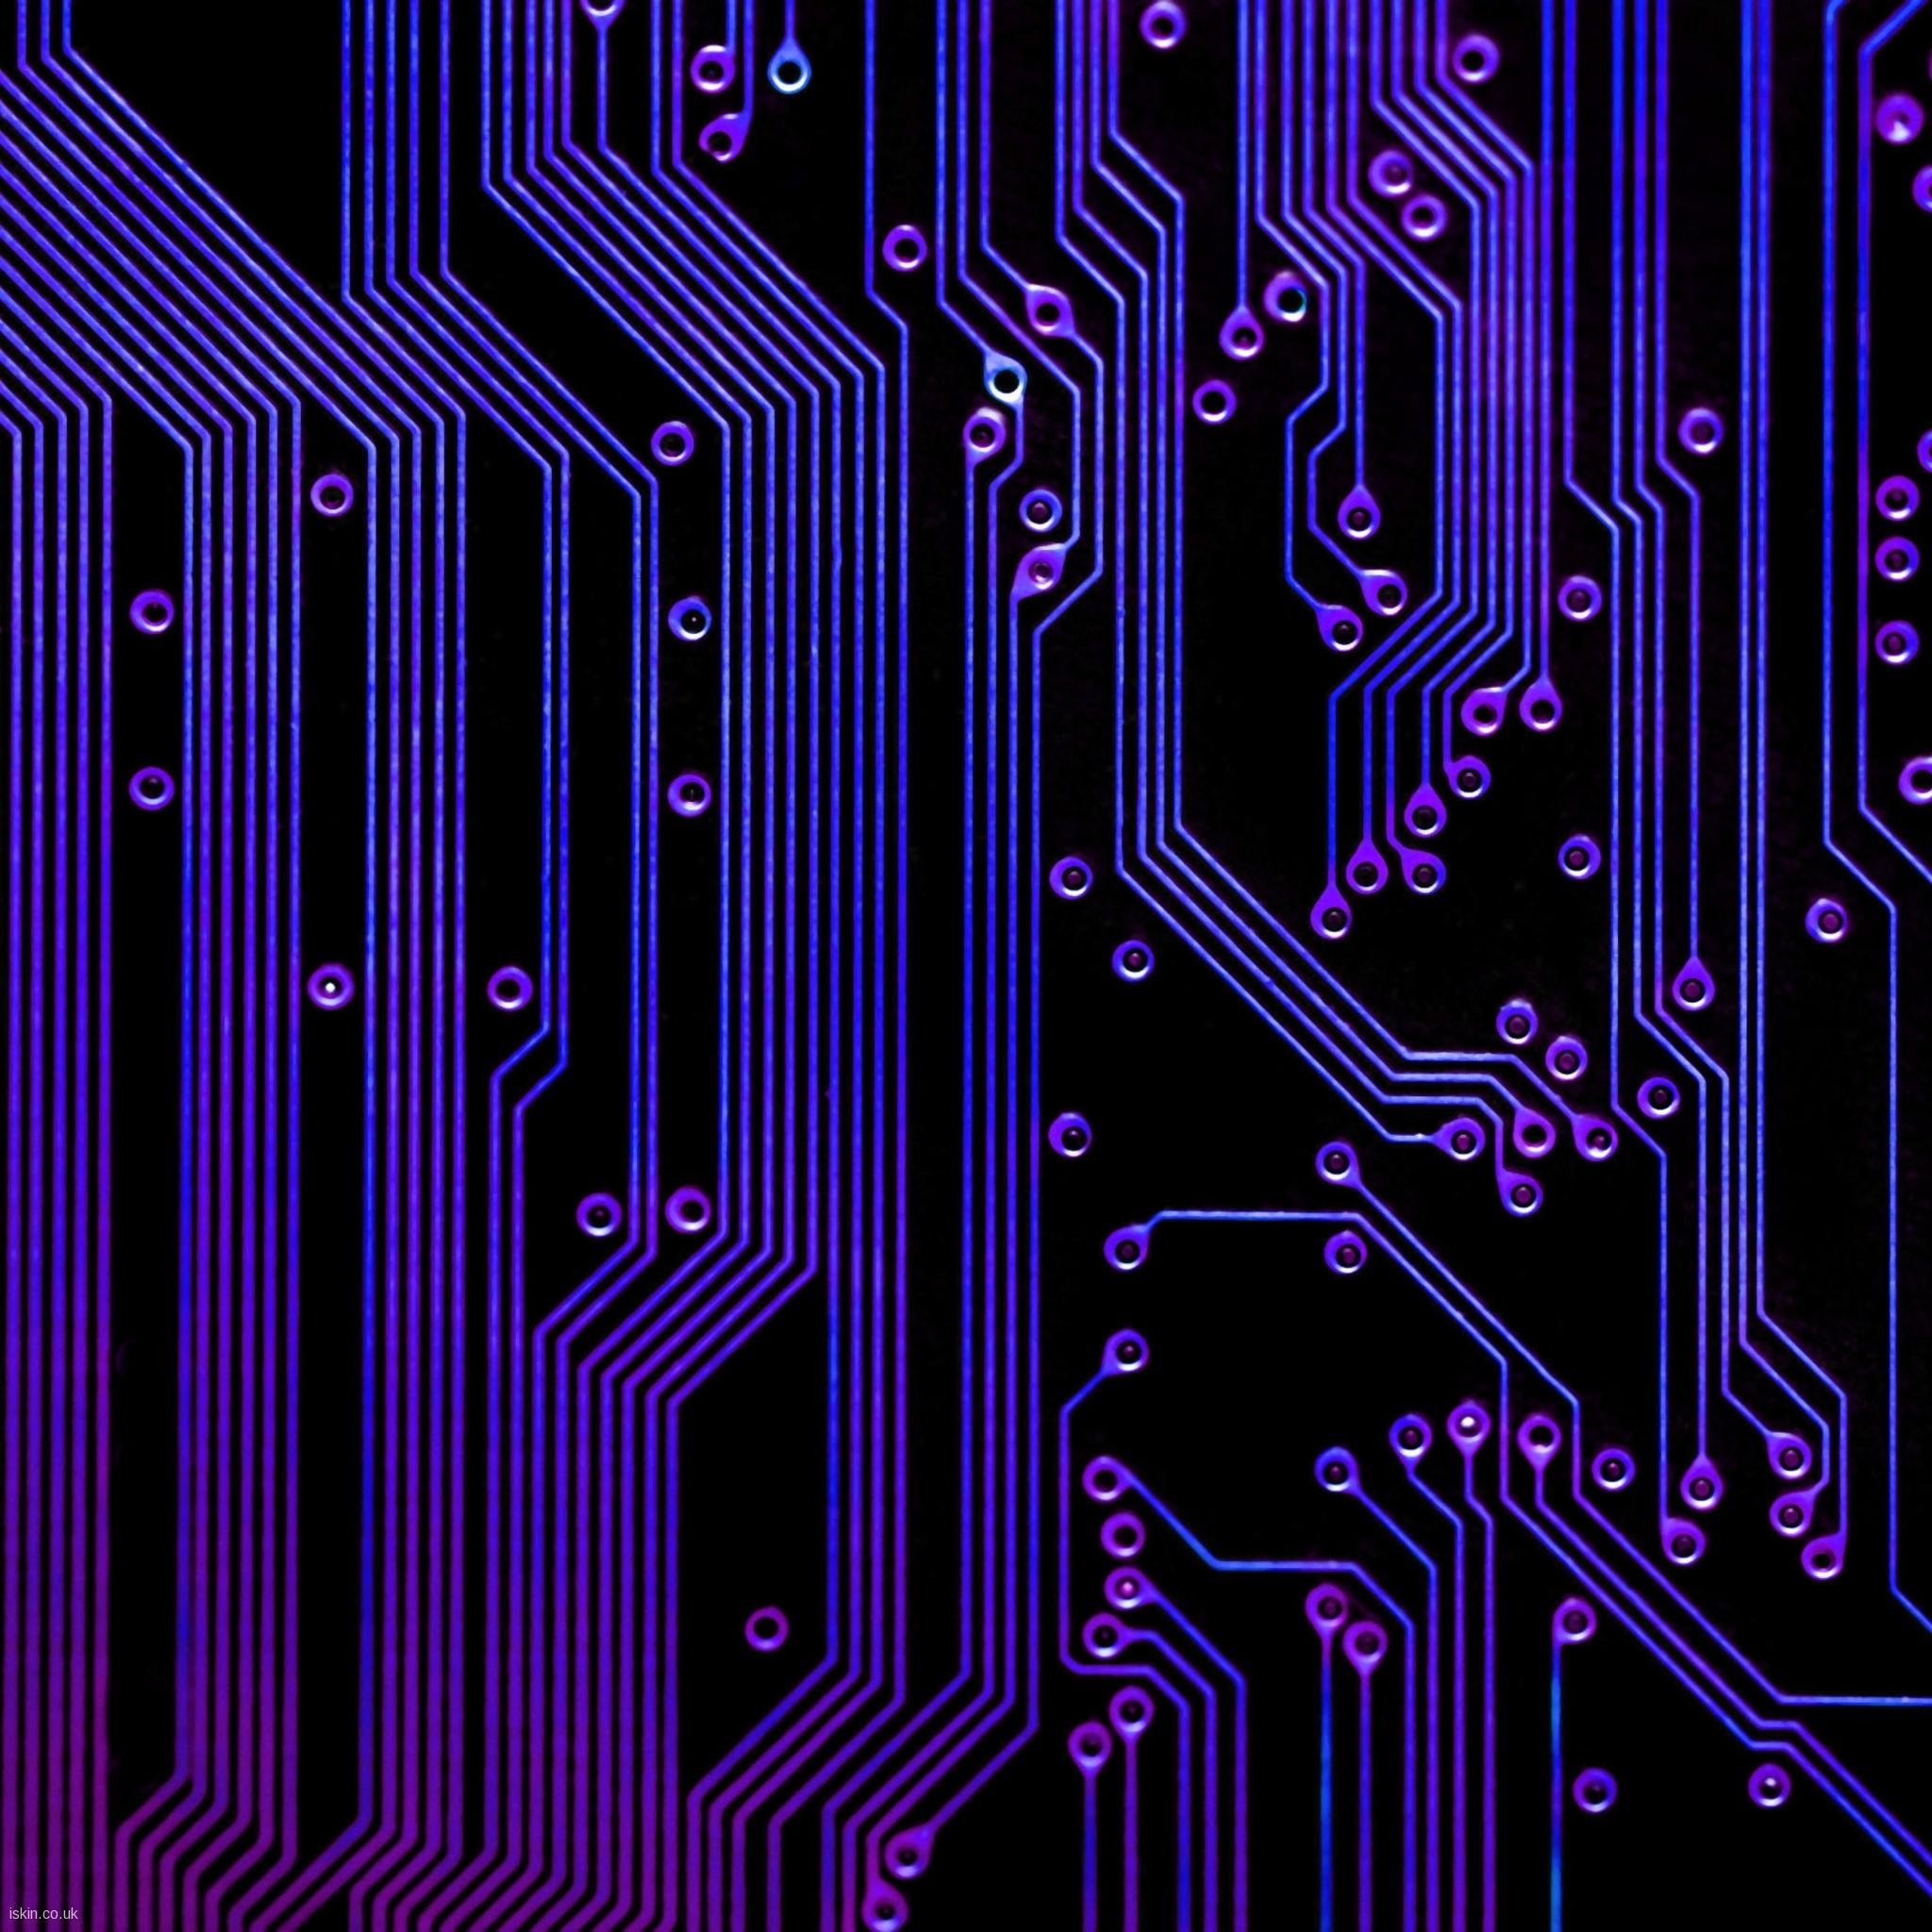 10 New Printed Circuit Board Wallpaper FULL HD 1080p For ...